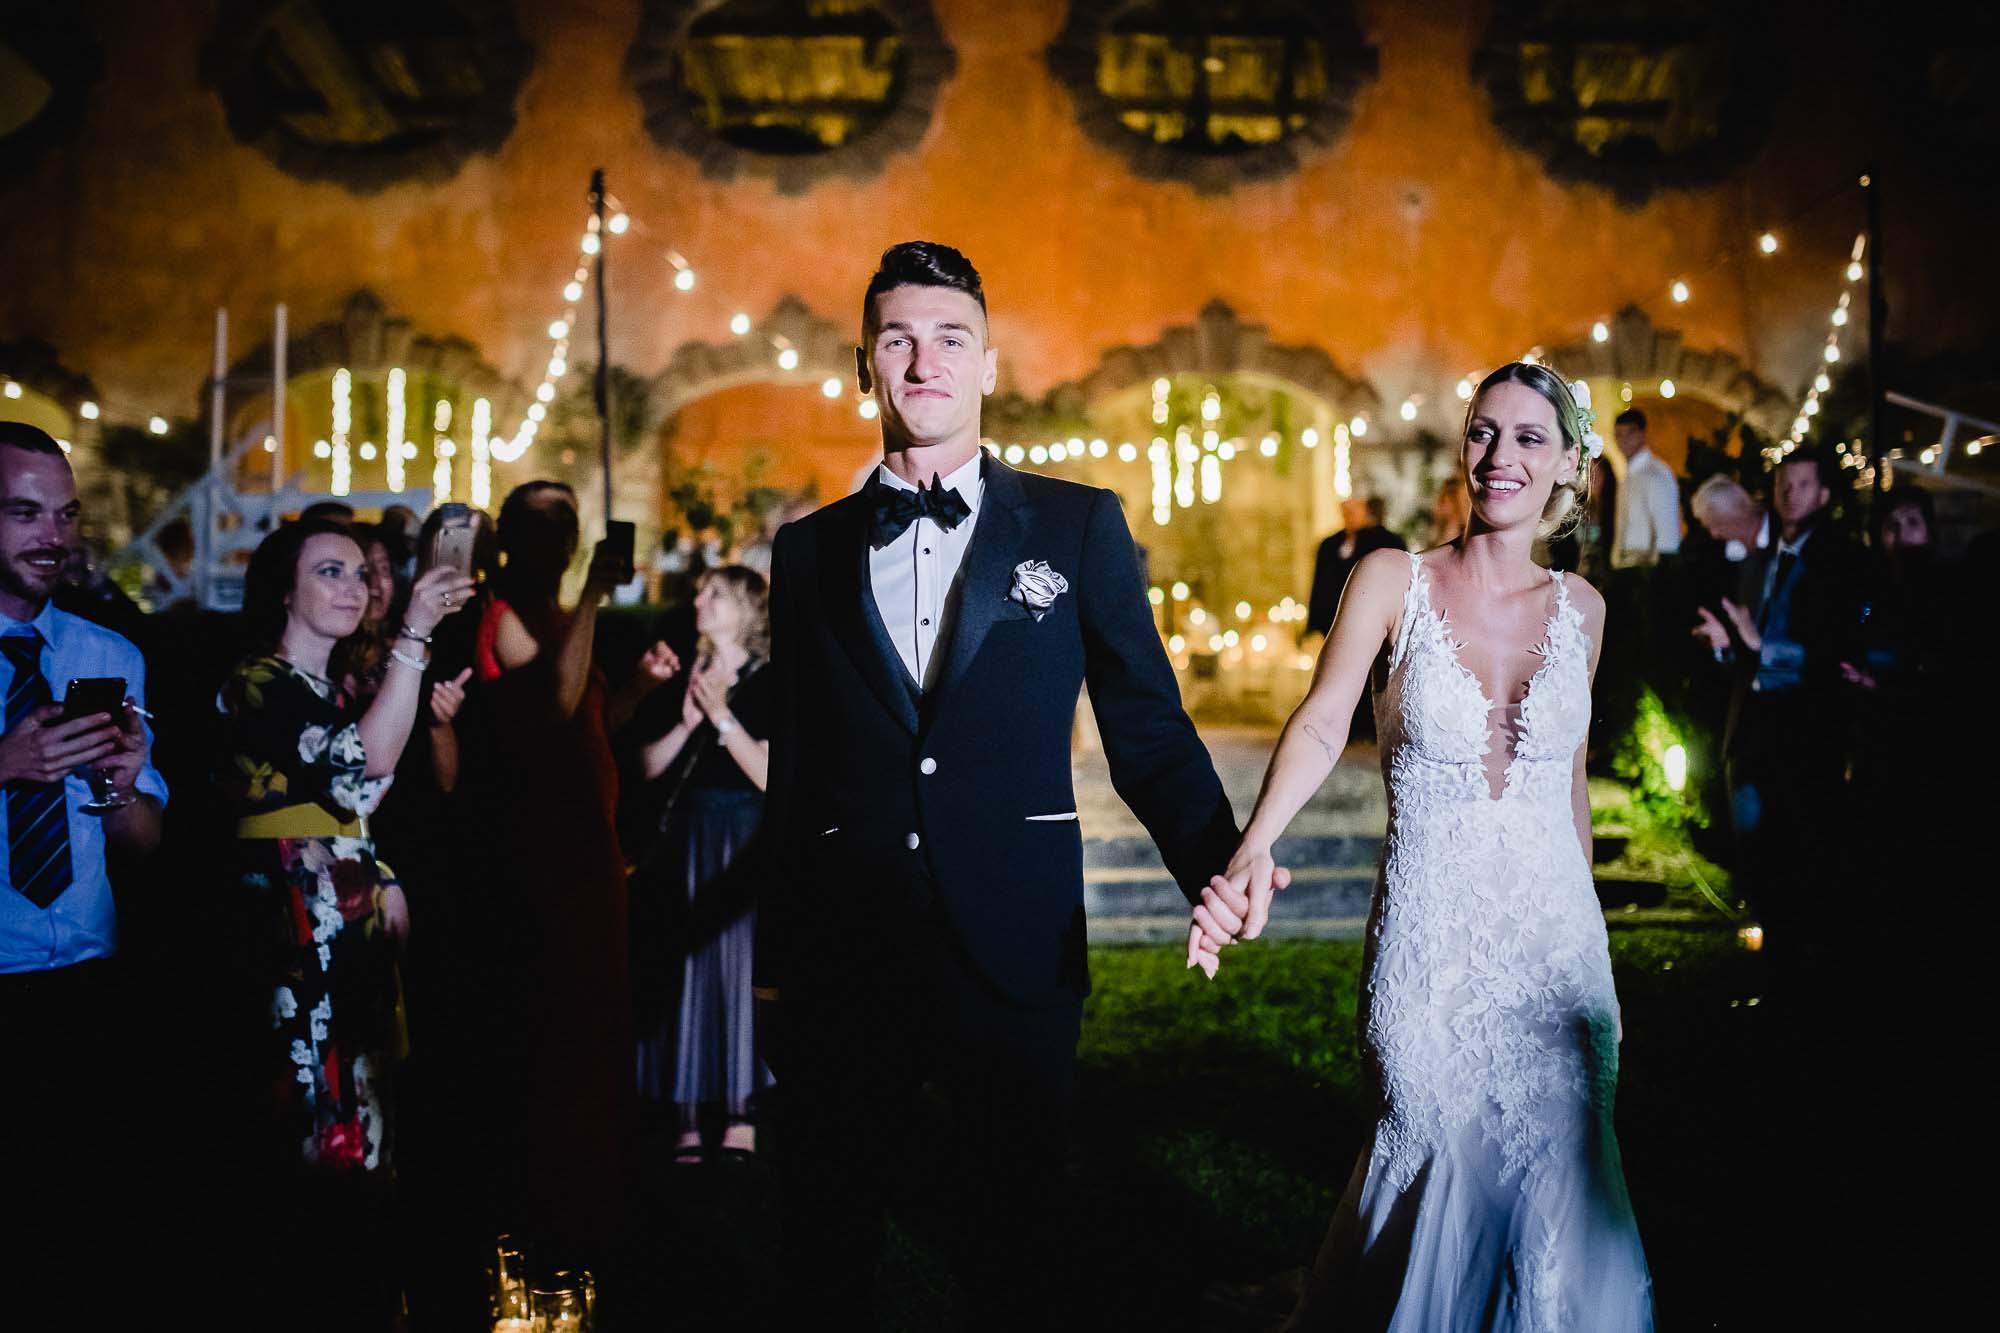 festa di matrimonio Lucca by Luca Savino fotografo